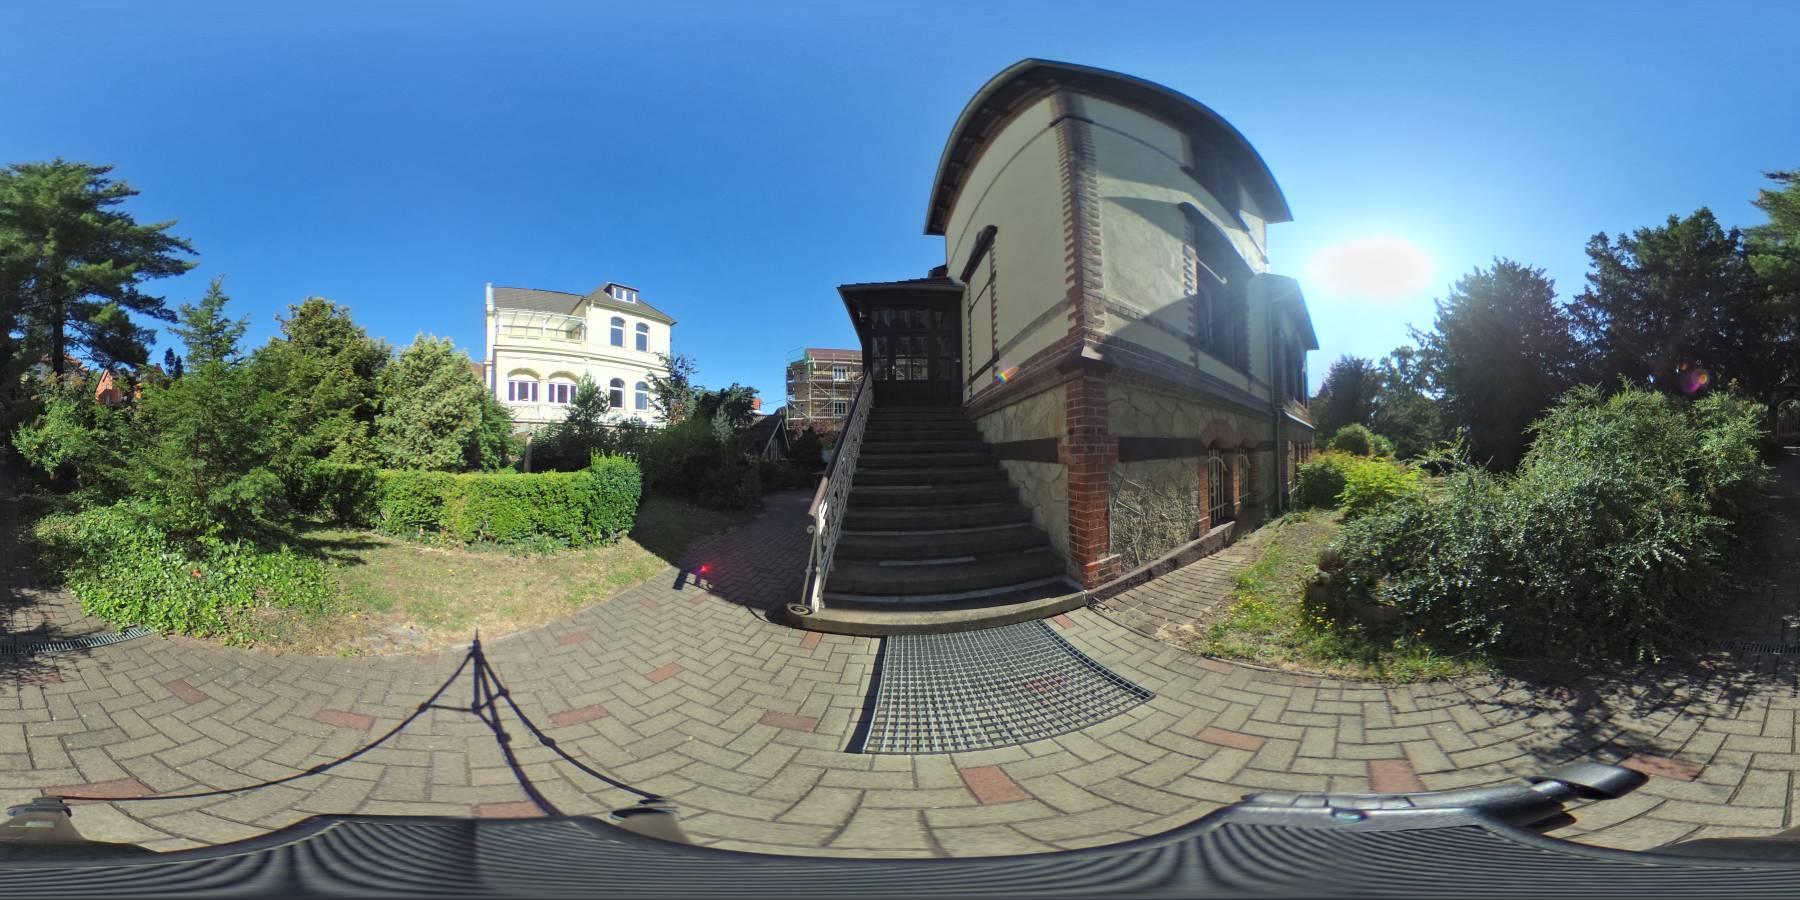 Herrschaftliche Villa in Blankenburg 360 Grad